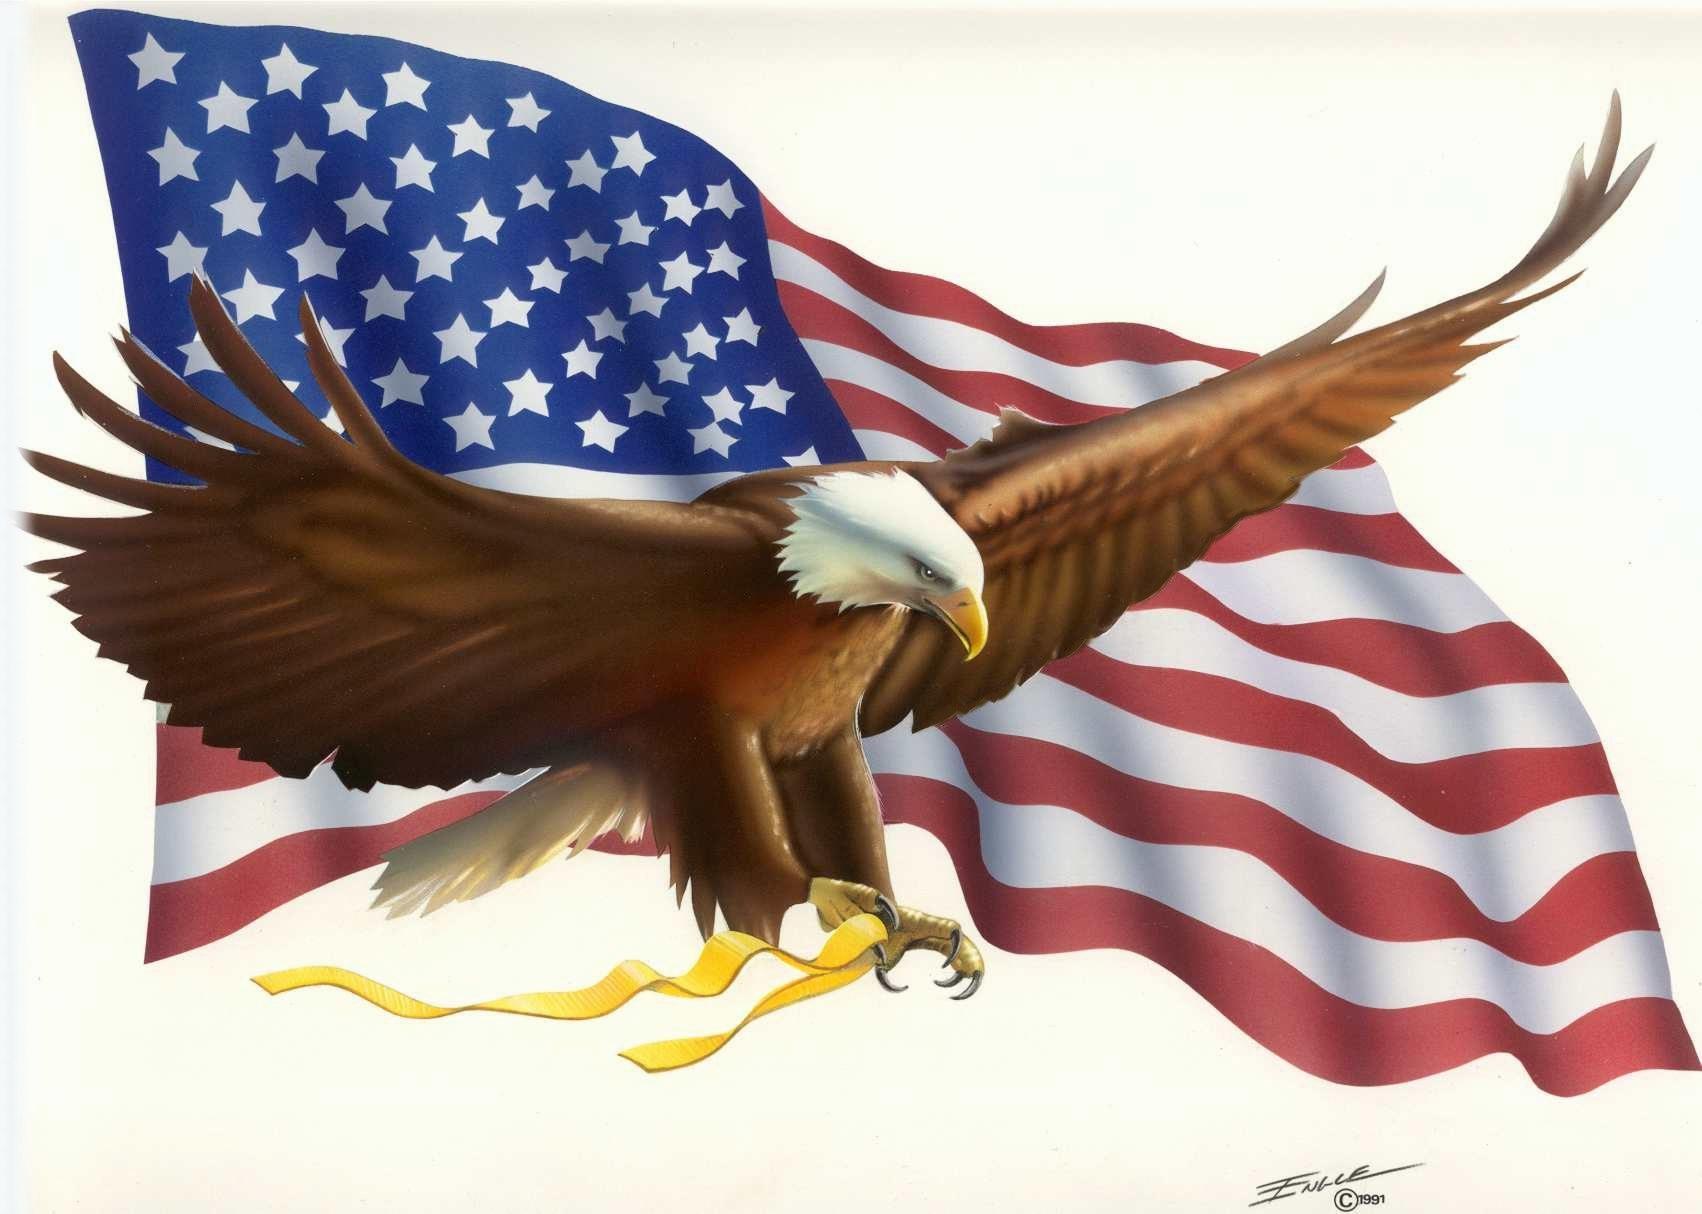 Eagle Flag Engle Bob Images at Clkercom   vector clip art 1702x1214